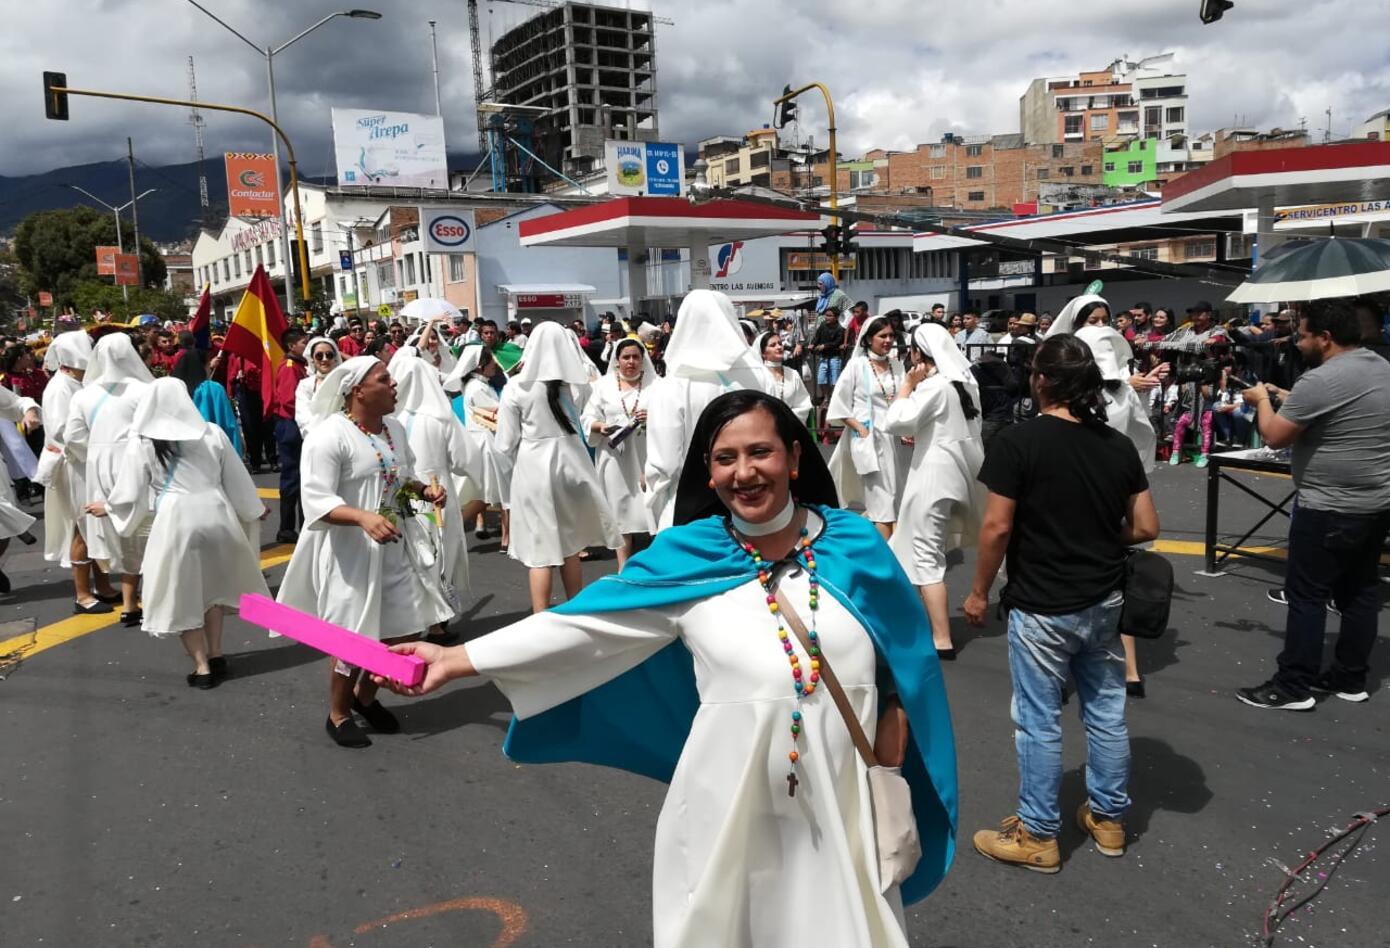 Estampas propias de Pasto Y Nariño se vieron en el desfile del Cuatro de Enero